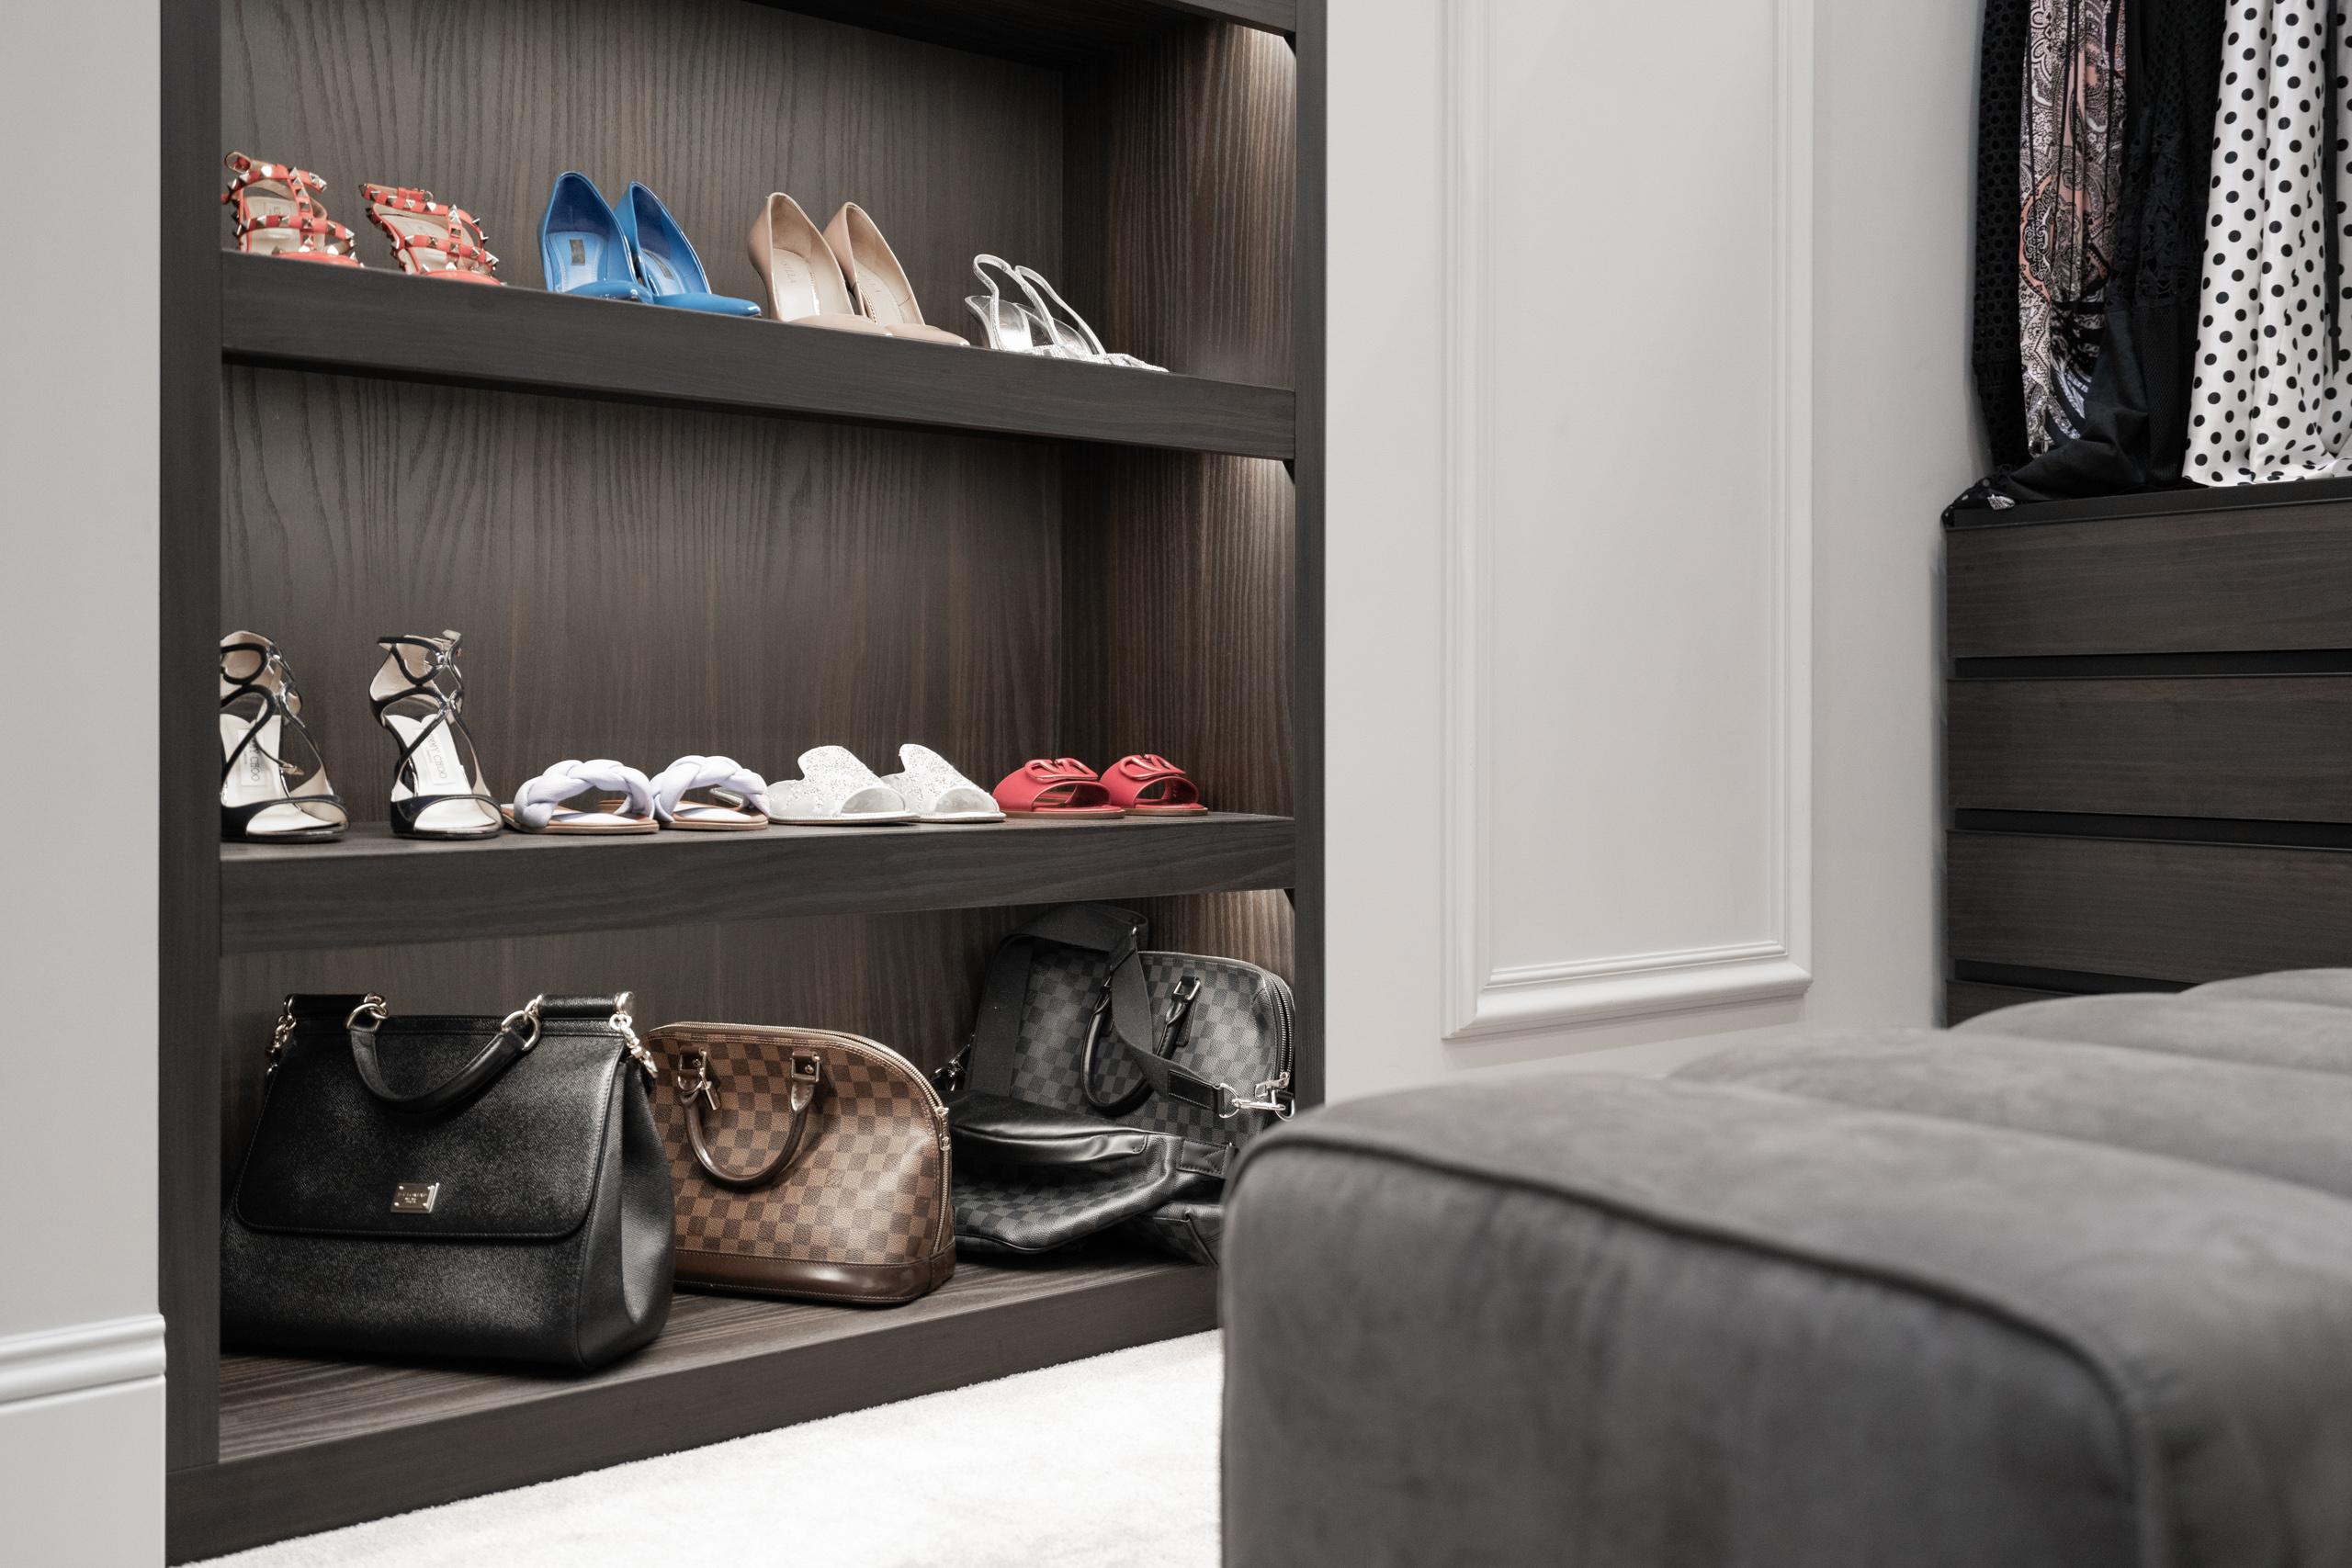 Фотосъемка интерьера гардероба с полками для обуви